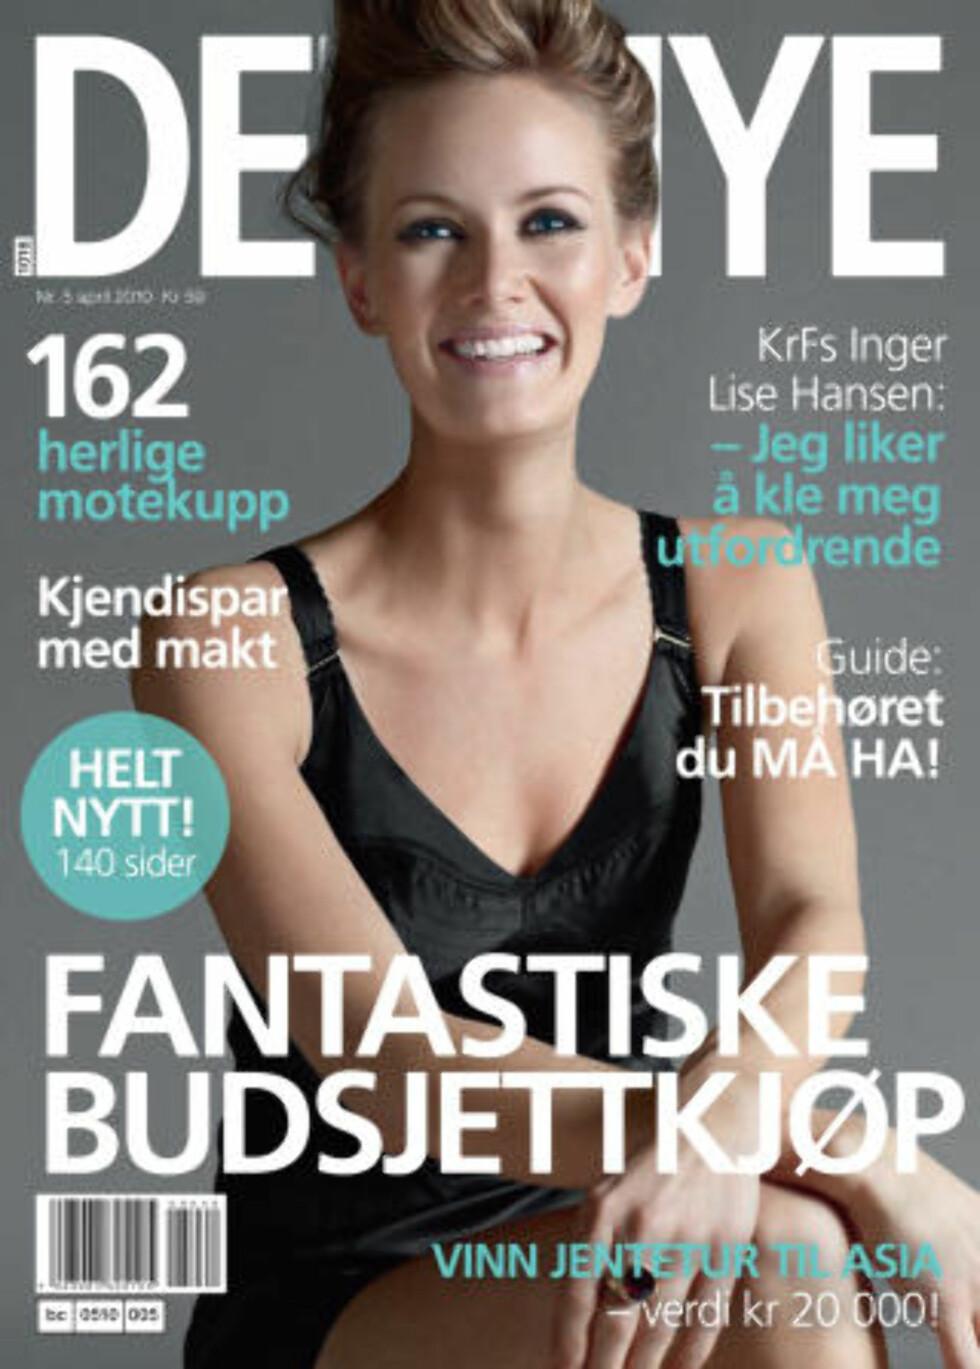 ORGINALEN:   Bildene av KrF-nestleder Inger Lise Hansen ble opprinnelig tatt til dette portrettert i Det Nye. Foto: Fakimile av «Det Nye» 26. mars